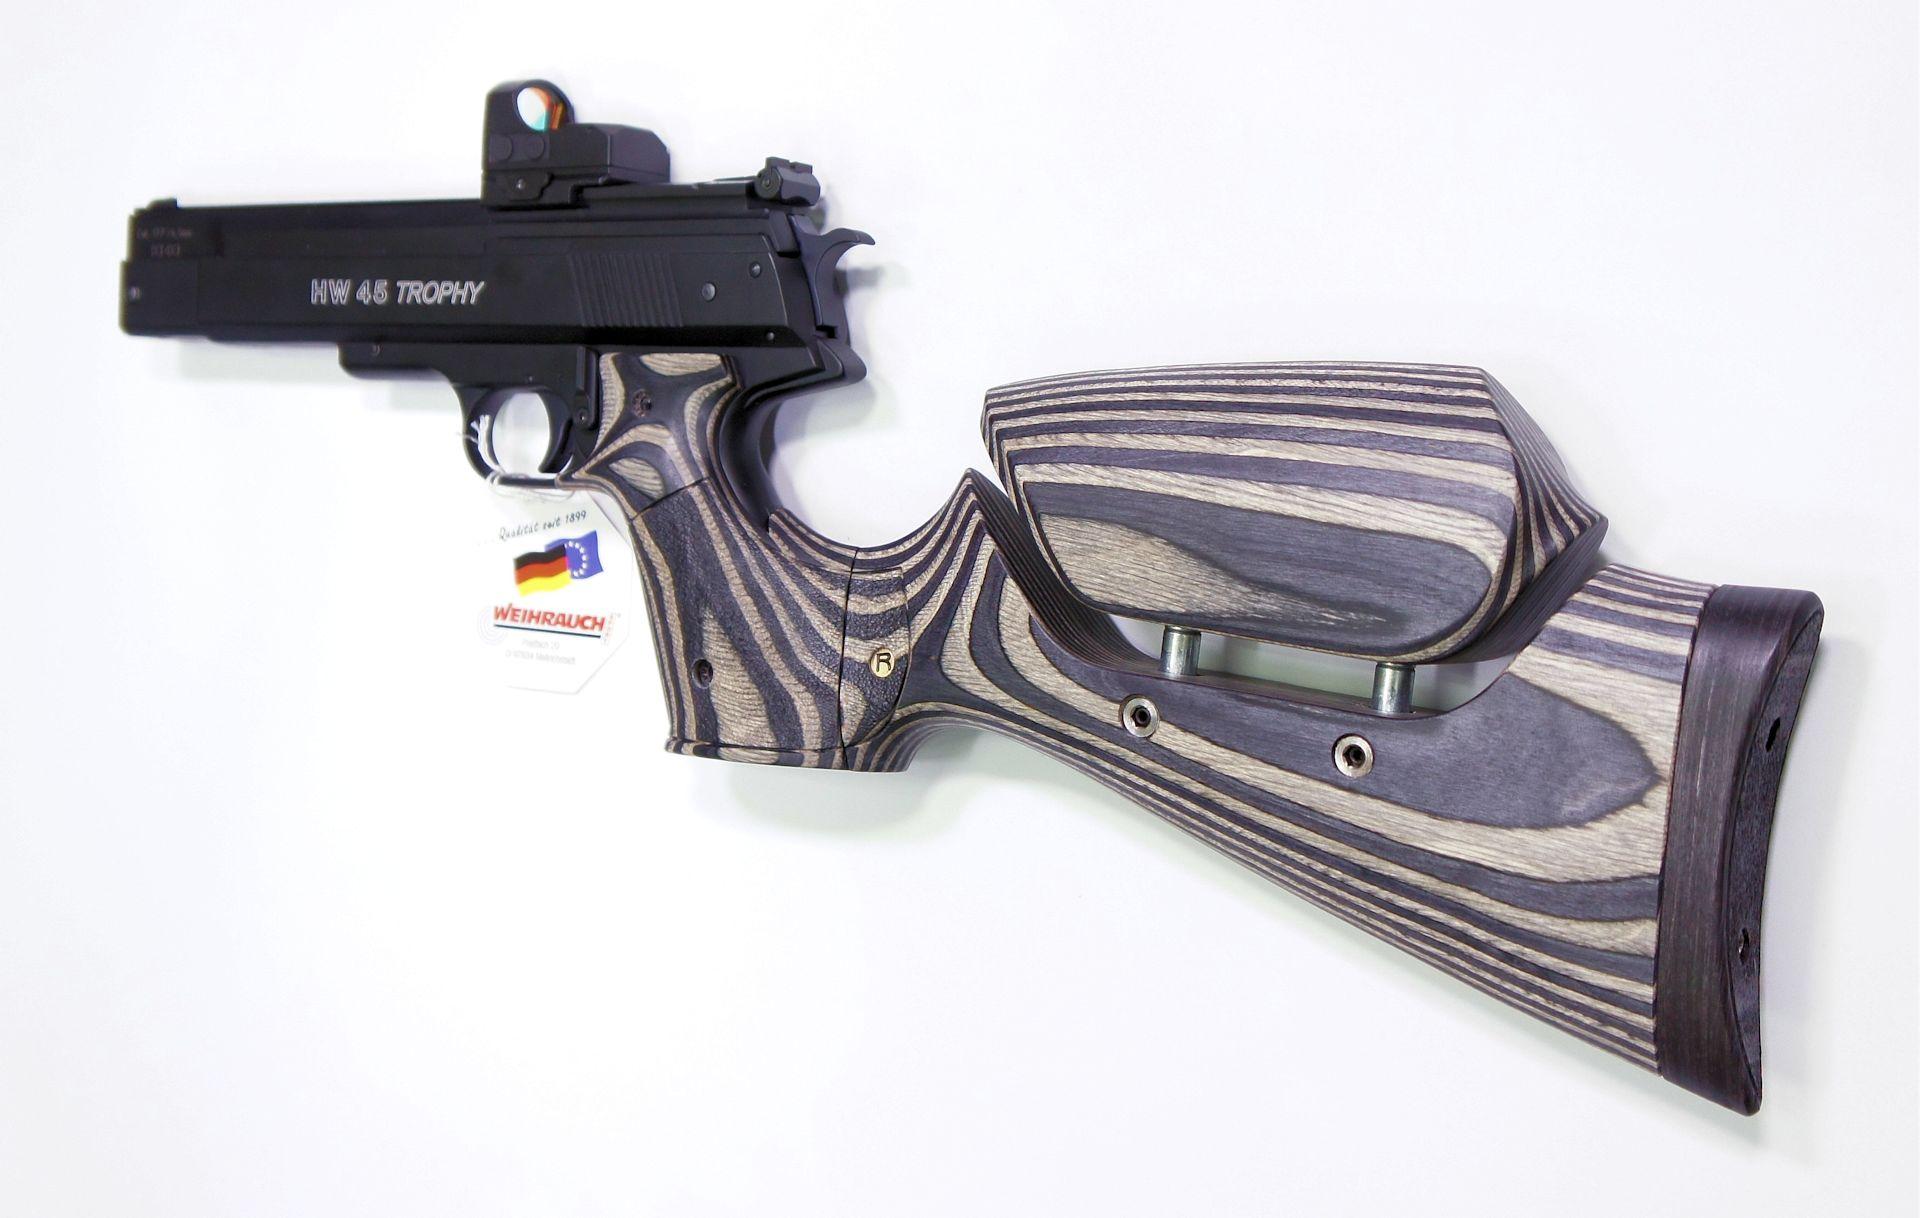 Montagebeipiel in anderer Schaftfarbe mit Luftpistole HW 45 als Pistolenkarabiner